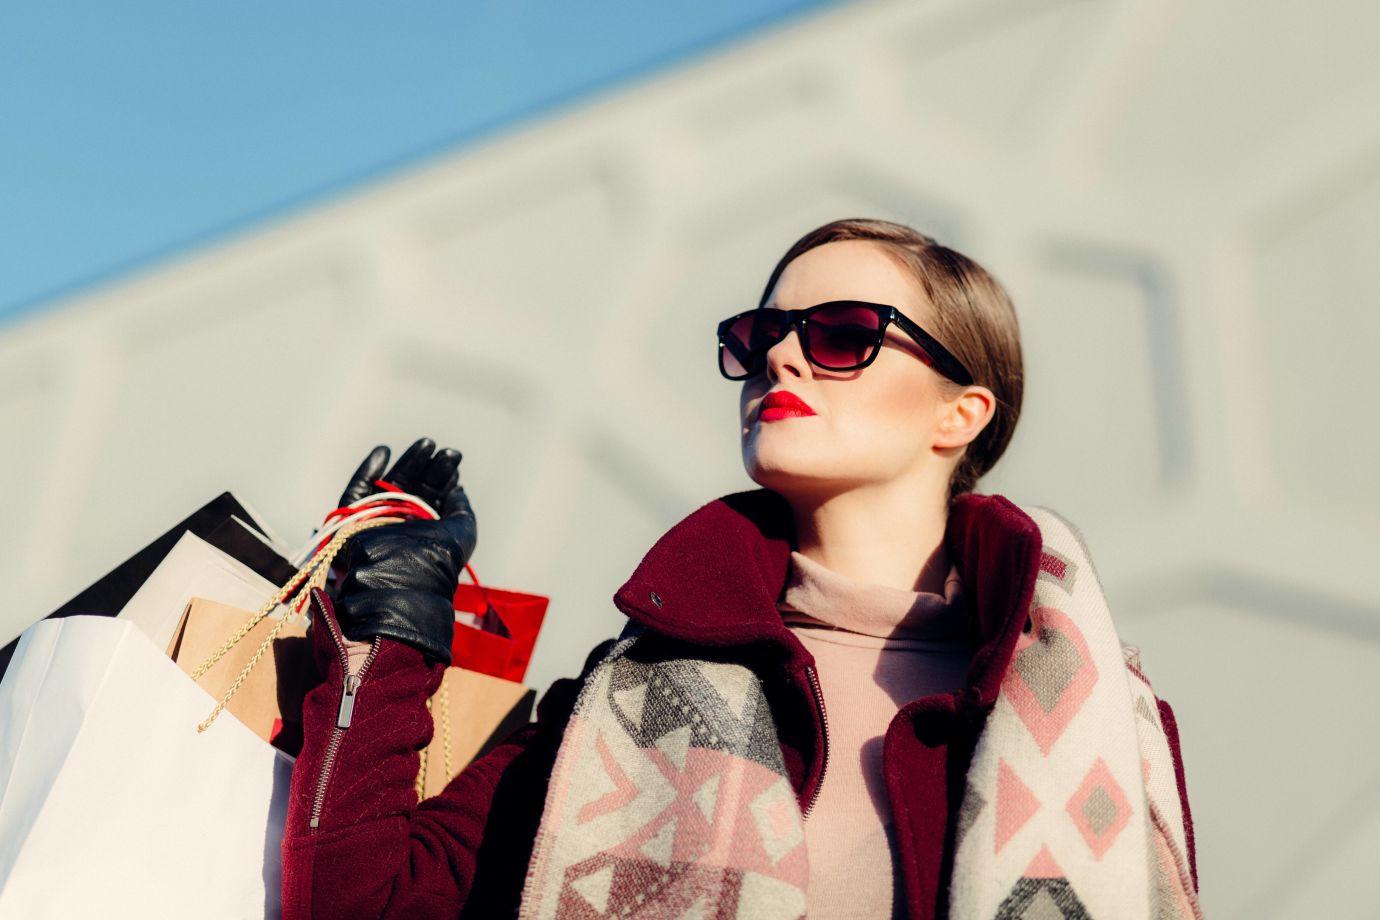 Frau mit Sonnenbrille und vielen Taschen